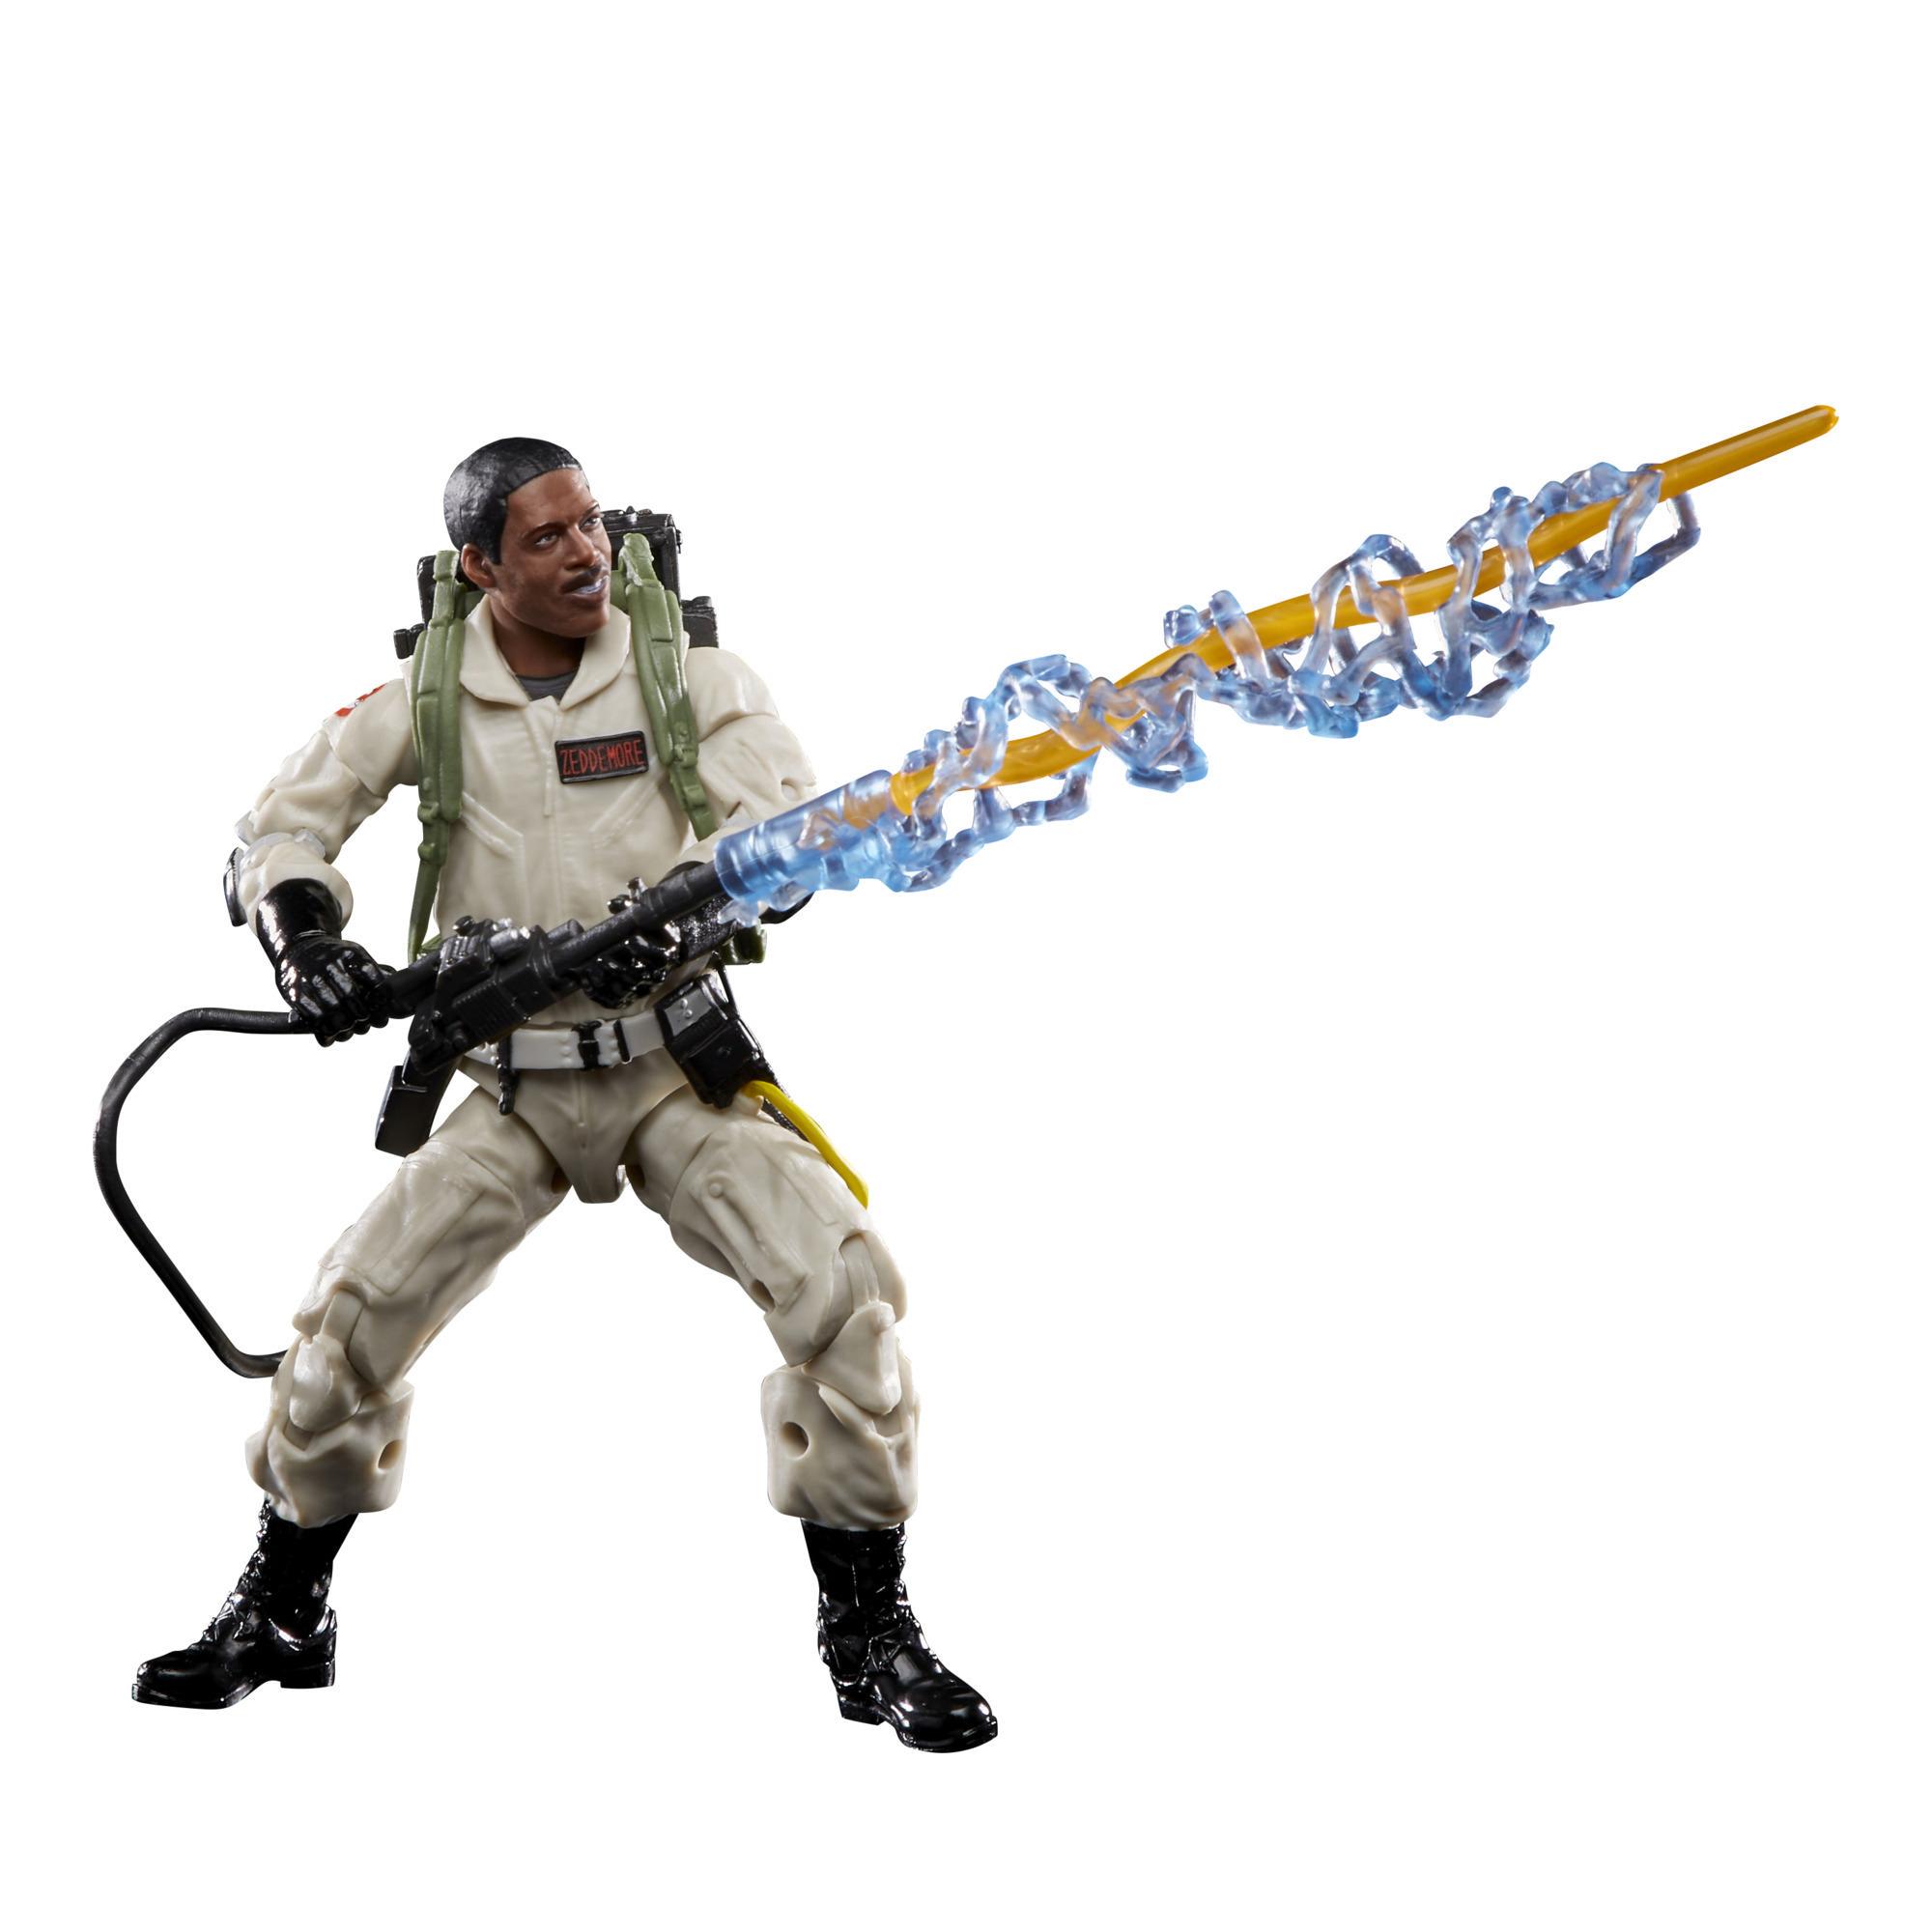 Ghostbusters Plasma Series, figurine articulée Winston Zeddemore